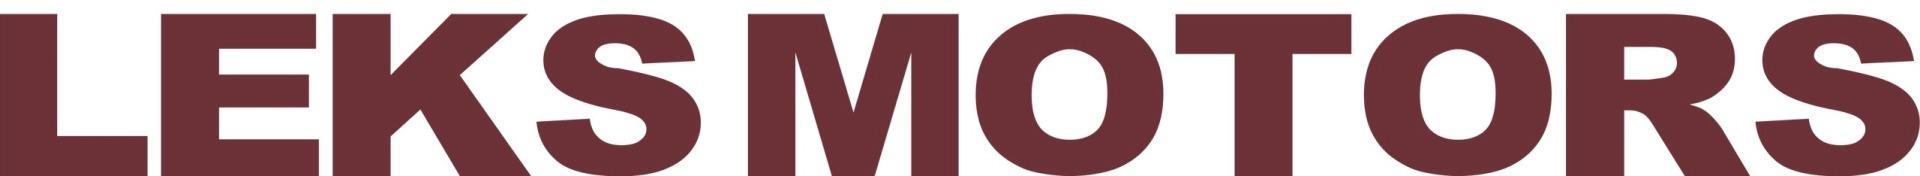 """Лекс Моторс Петрозаводск Лекс Моторс Петрозаводск, Наши услуги:       Компьютерная диагностика двигателя (углублённая).     Устранение неисправностей топливного оборудования.     Ультразвуковая чистка инжекторов+тест проверка.     Ремонт ЭБУ и др.     Сканирование бортовых электронных систем ABS SRS ESP и др.проверка датчиков     Комплексный ремонт двигателя""""под ключ""""     Шлифовка коленвалов(полировка шеек)     Расточка,хонинговка блока цилиндров(V-образных,оппозитных и мототехники)     Гильзовка блока цилиндров.     Опрессовка БЦ и ГБЦ на микротрещины,утечки и др.     Ремонт головки блока цилиндров(ГБЦ). замена сёдел, замена направляющих,правка клапанов в т.ч.фрезеровка и шлифовка привалочной плоскости ГБЦ.     Паровая мойка деталей двигателя.     Аргонодуговая сварка деталей цв.металлов.     Сход-развал     Ремонт узлов и агрегатов.     Регулировка света фар, CO, CH.     Услуги автоэлектрика в т.ч ремонт электрооборудования.     Ремонт подвески,проточка тормозных дисков,замена жидкостей.     Удаление катализатора и сажевого фильтра,сварочные работы.     Токарно-фрезерные работы любой сложности     И только у нас в Петрозаводске динамическая балансировка коленвалов,роторов,судовых винтов и пр."""